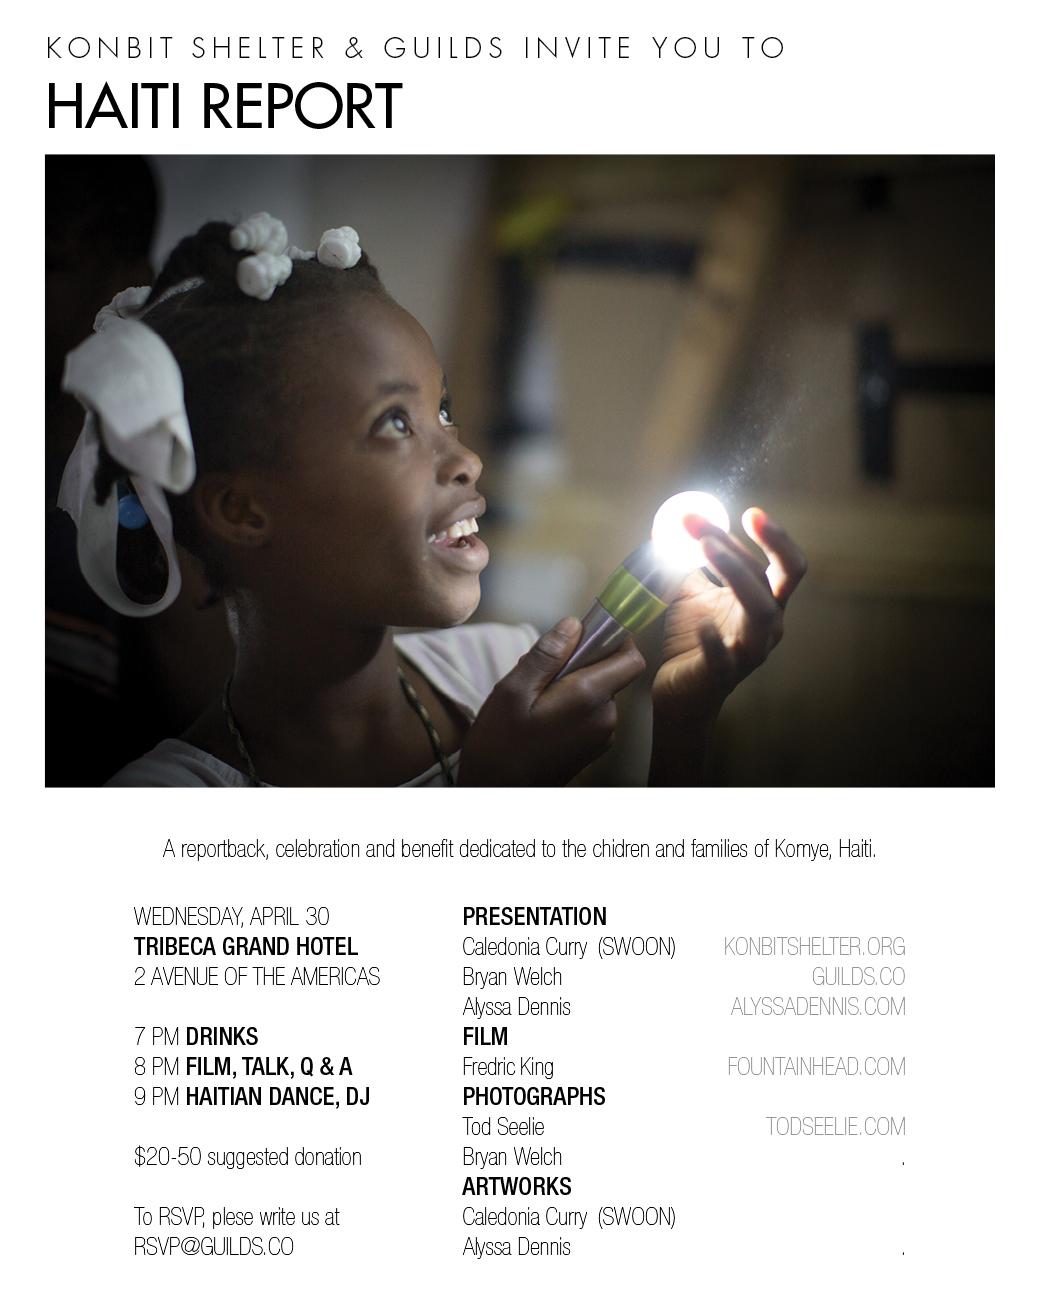 haiti report draft 2.jpg